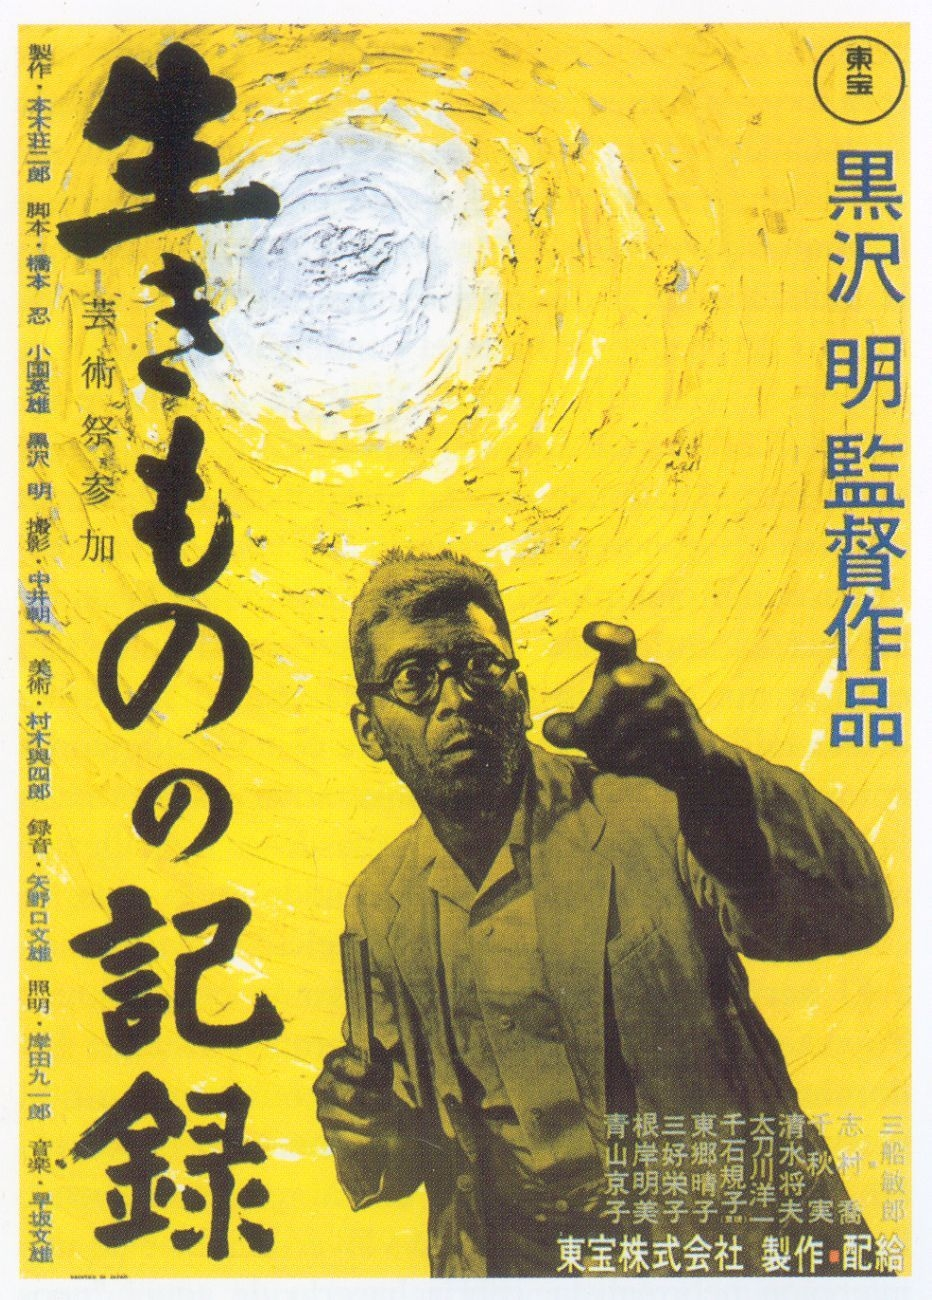 Ikimono_no_kiroku_poster.jpg